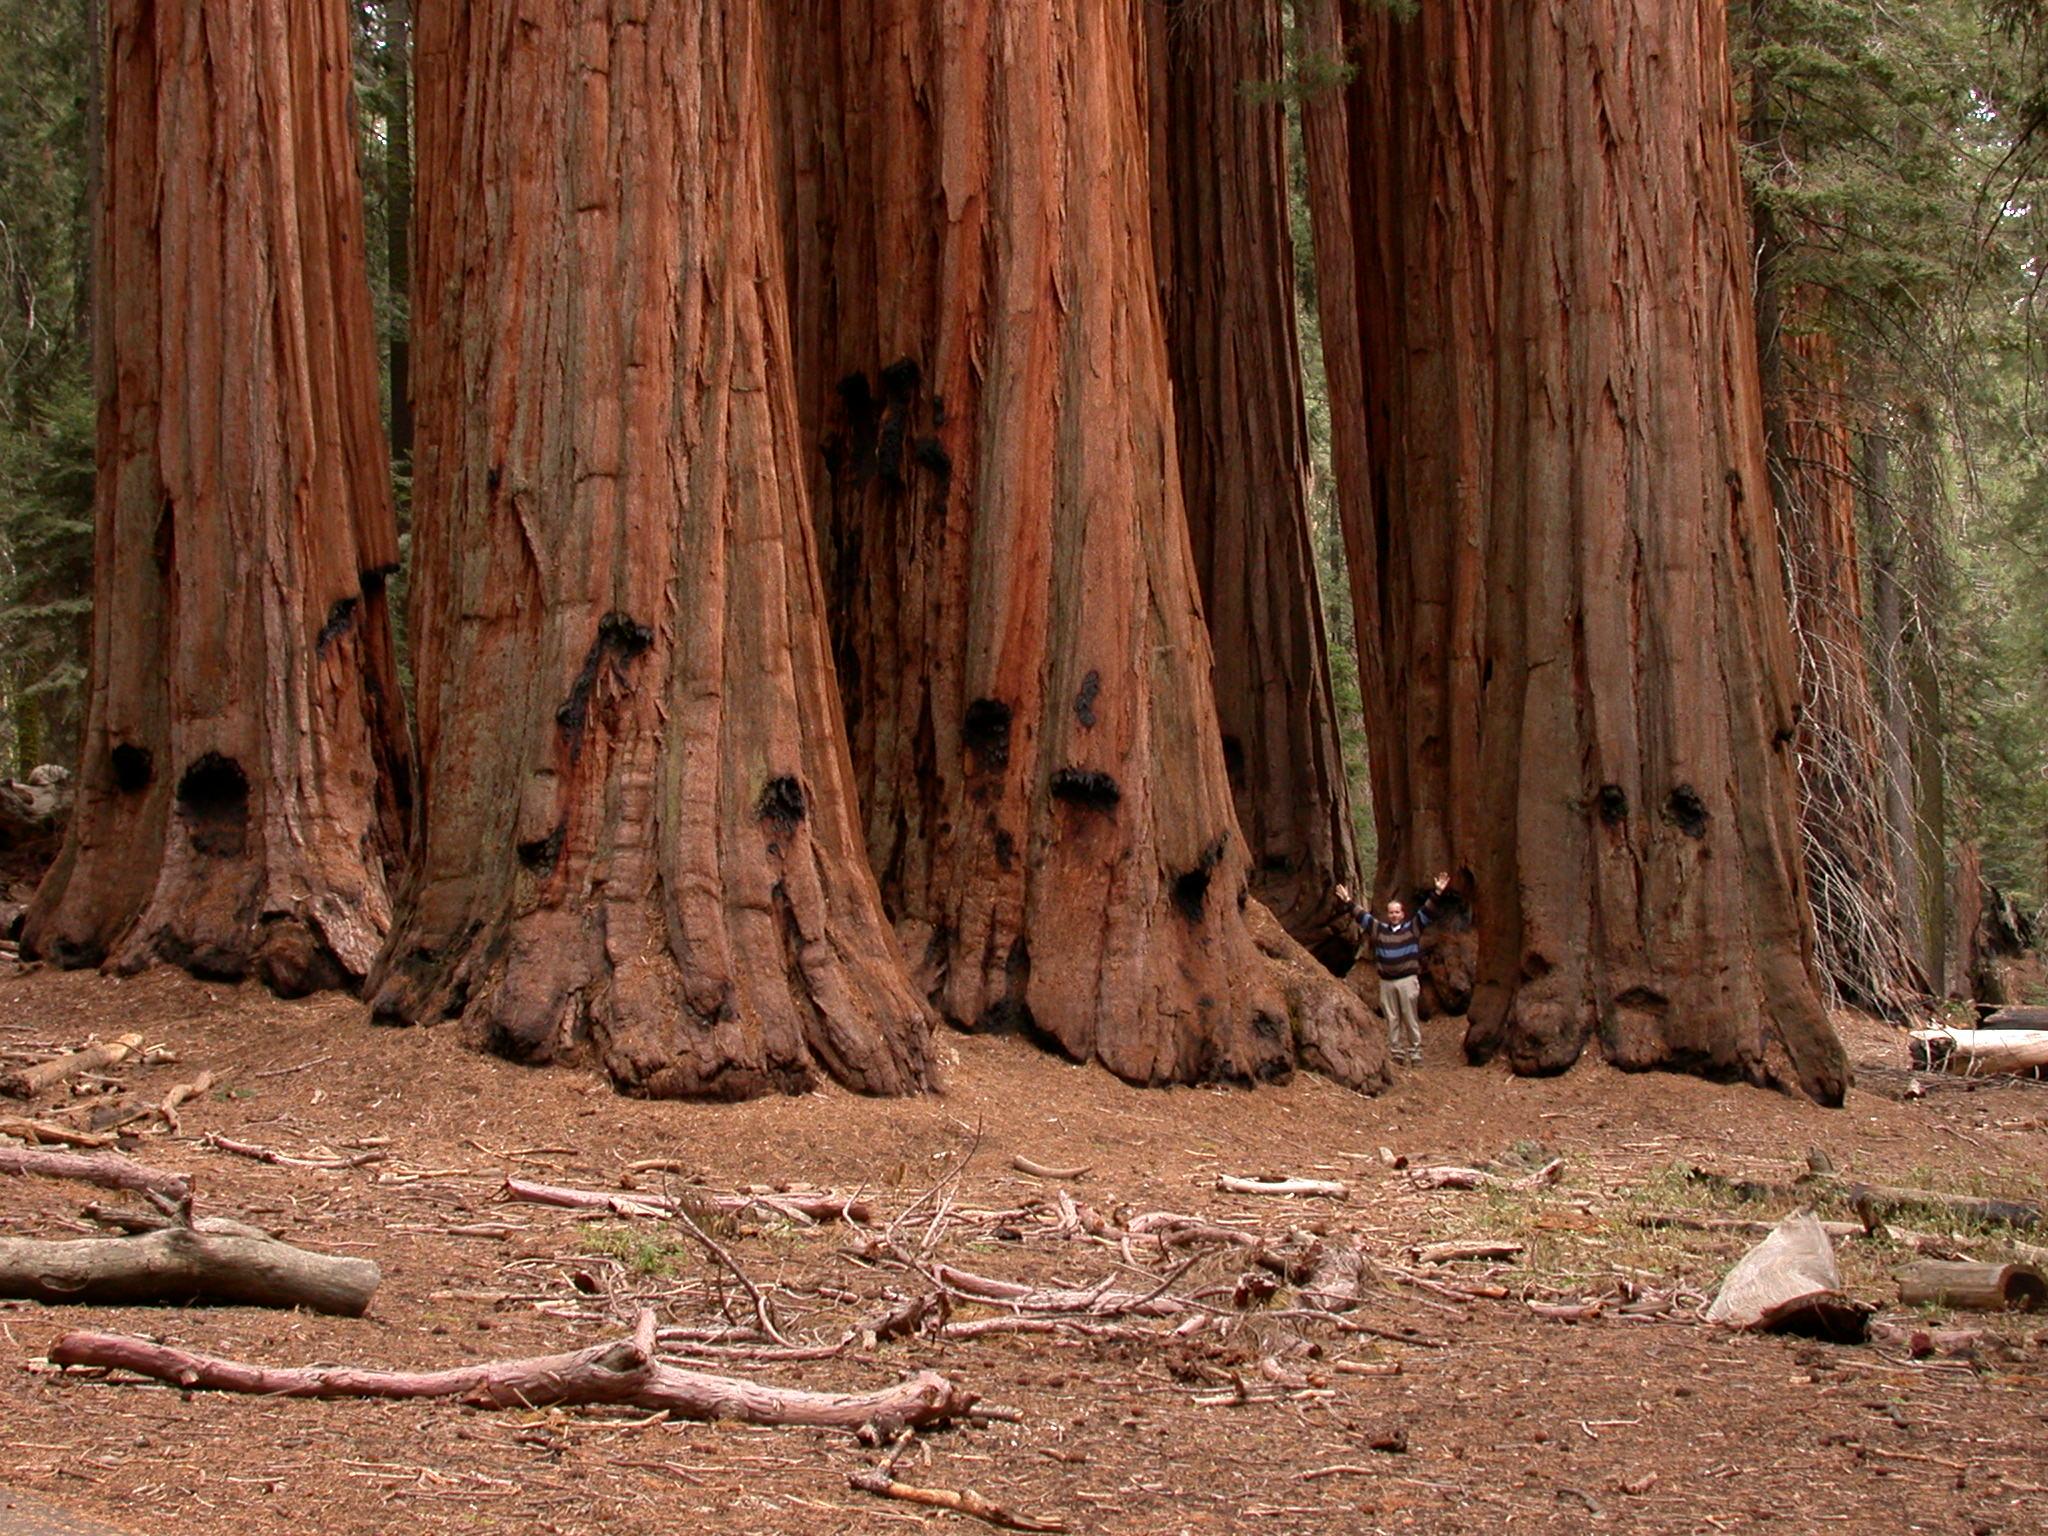 les plus grands arbres TheHouseGroupGiantForest